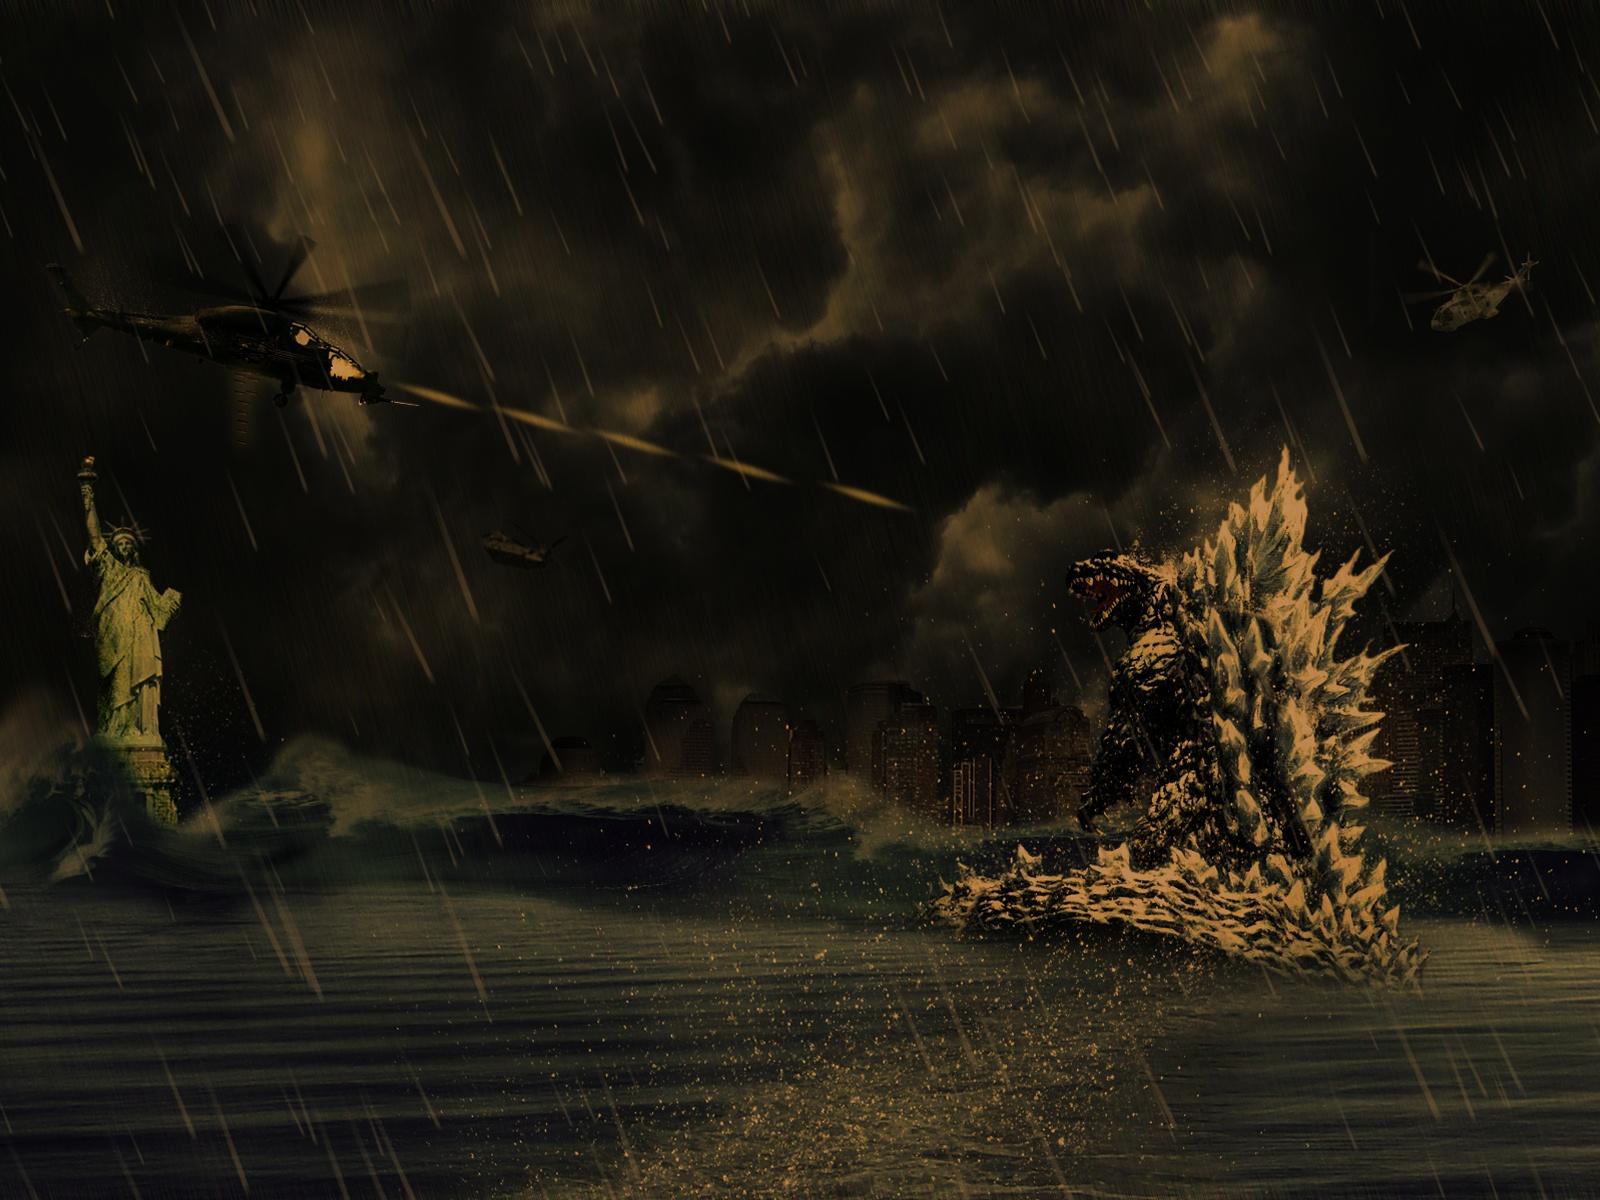 Previous, Drawn wallpapers - Godzilla wallpaper